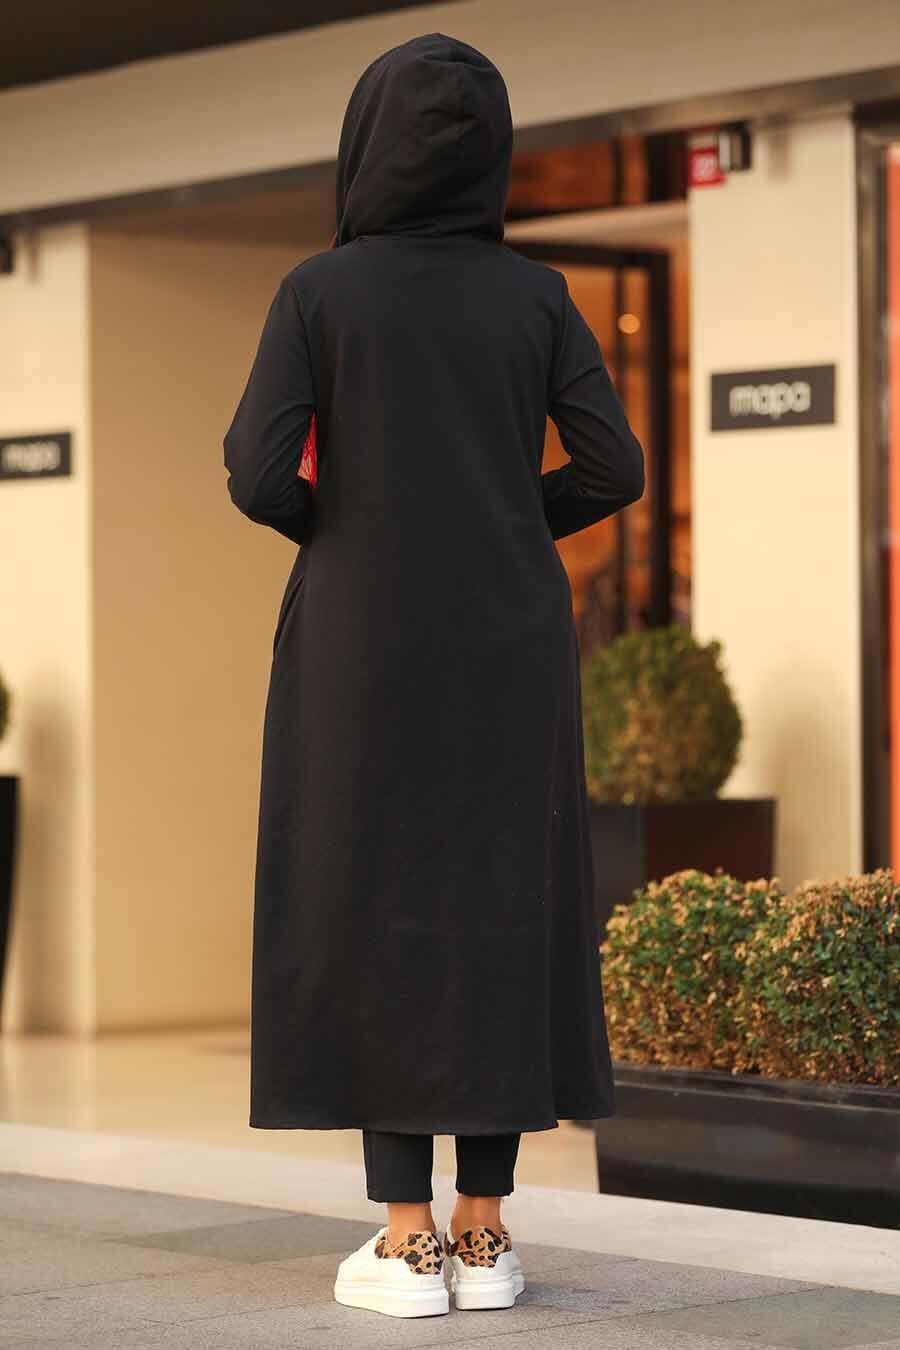 Neva Style - Kapşonlu Siyah Tesettür Kap 22560S